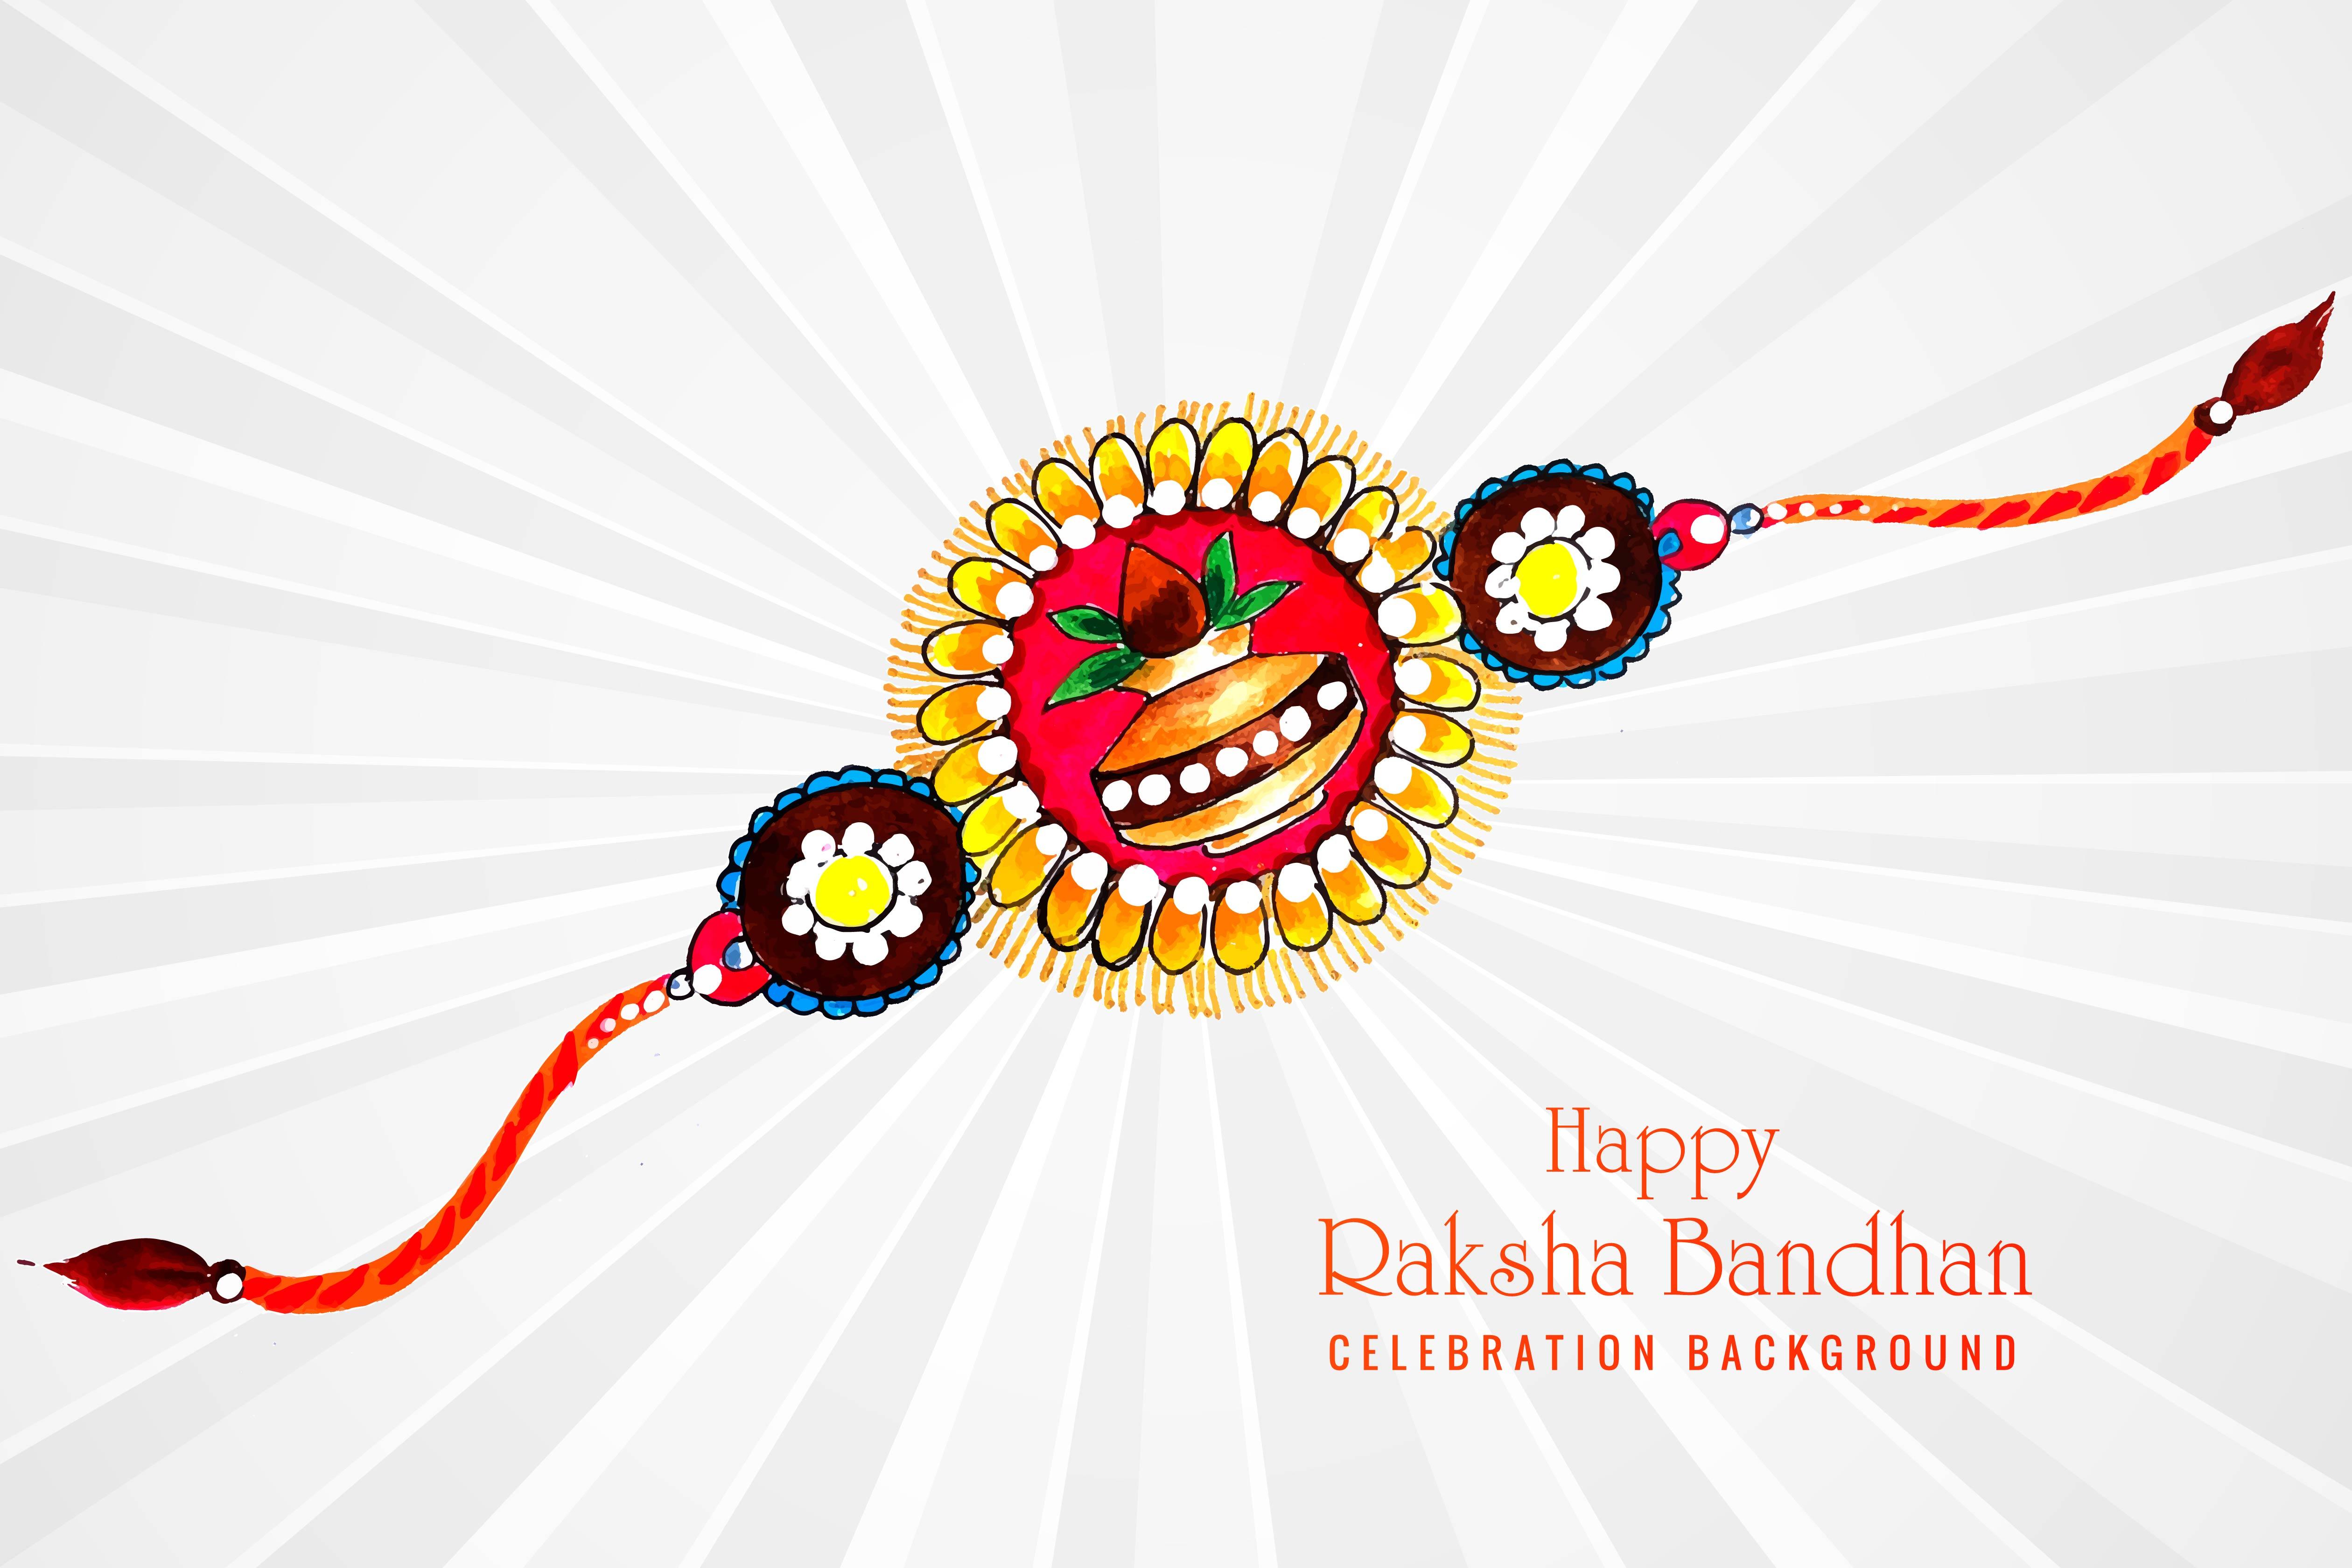 raksha bandhan greeting card design  download free